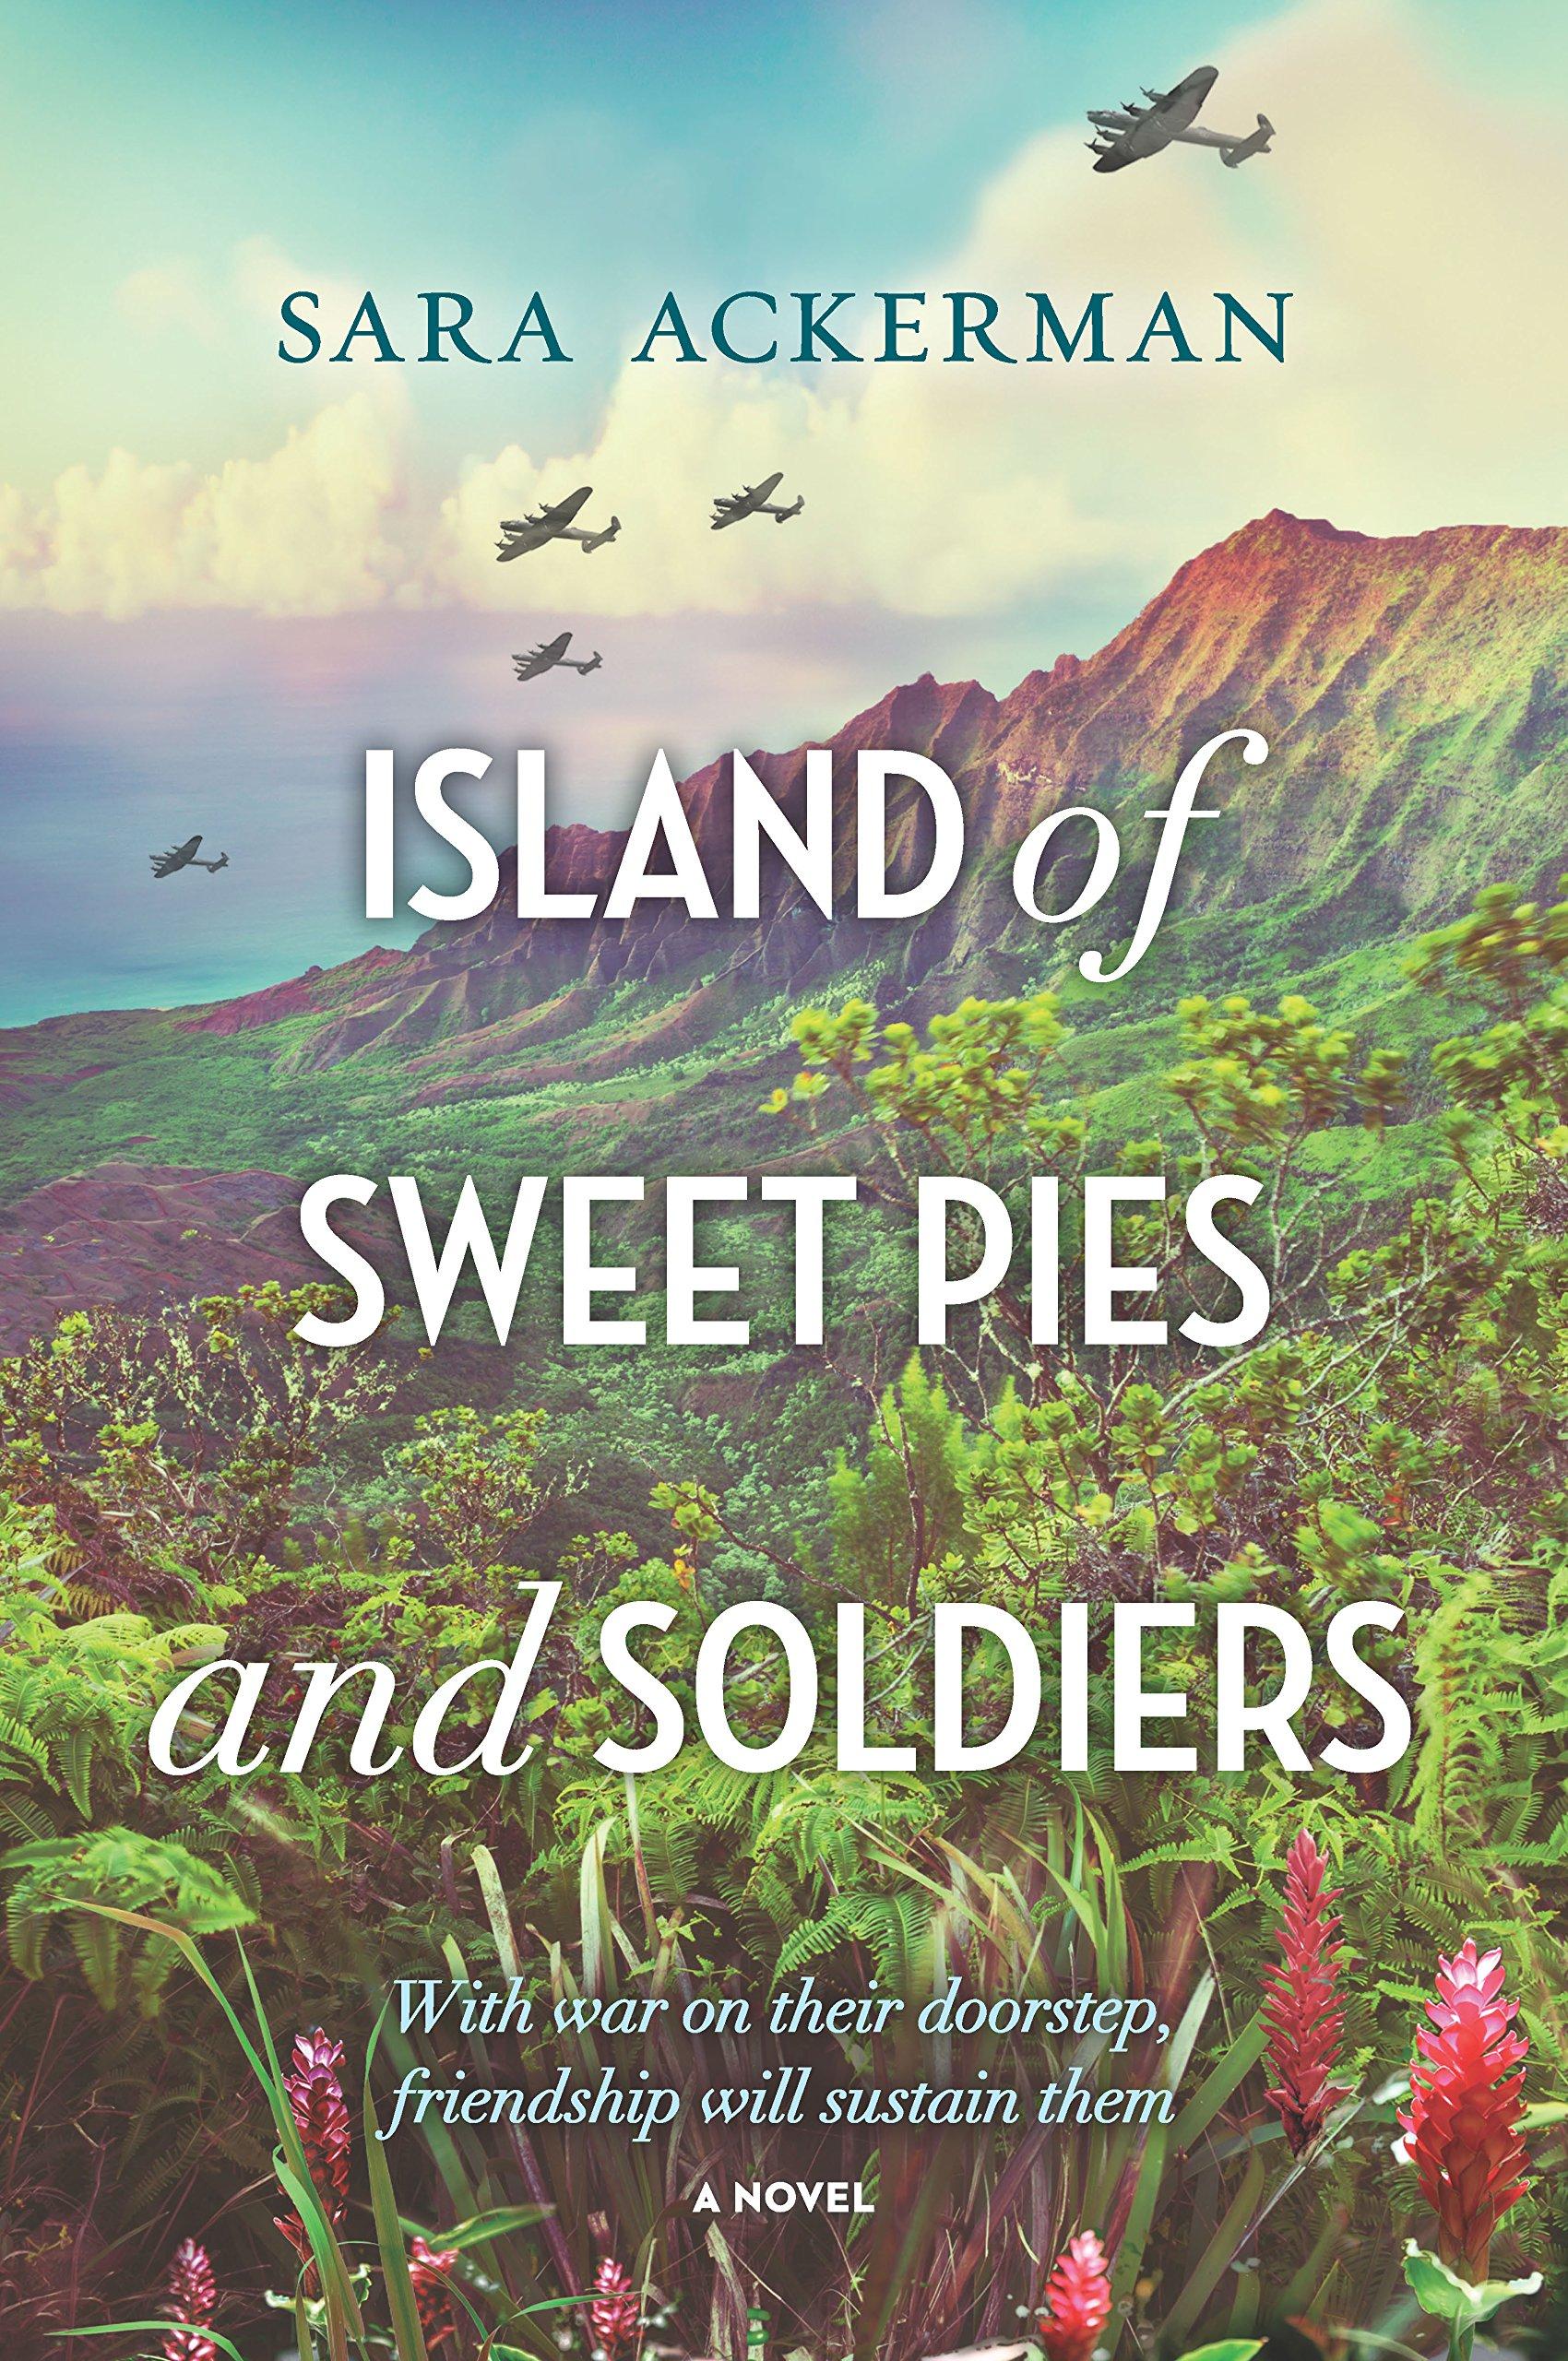 Island of Sweet Pies and Soldiers by Sara Ackerman.jpg